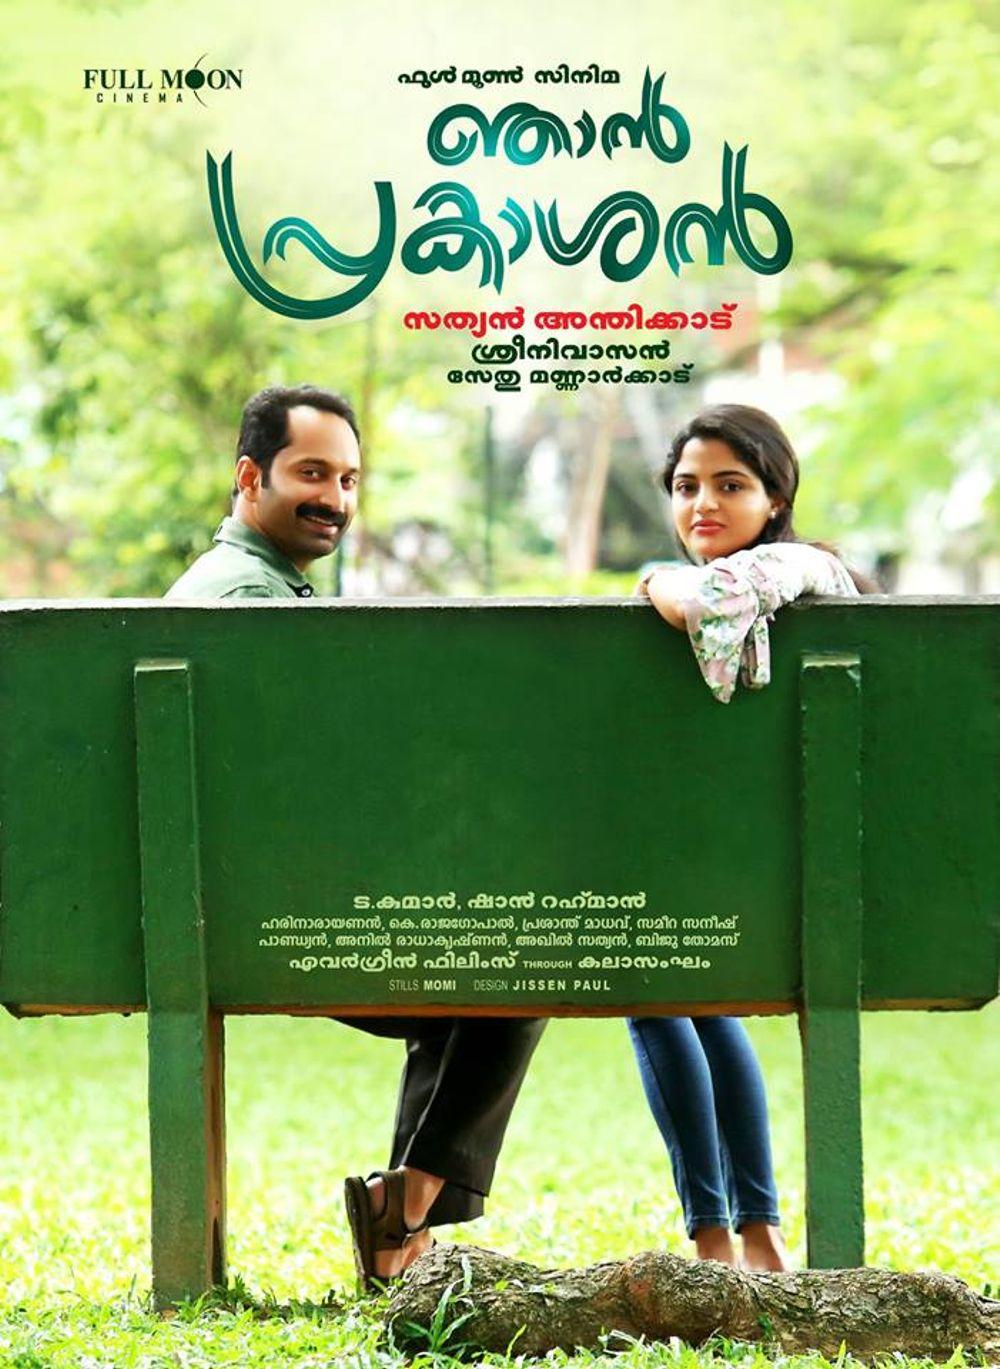 Njan Prakashan Movie Review